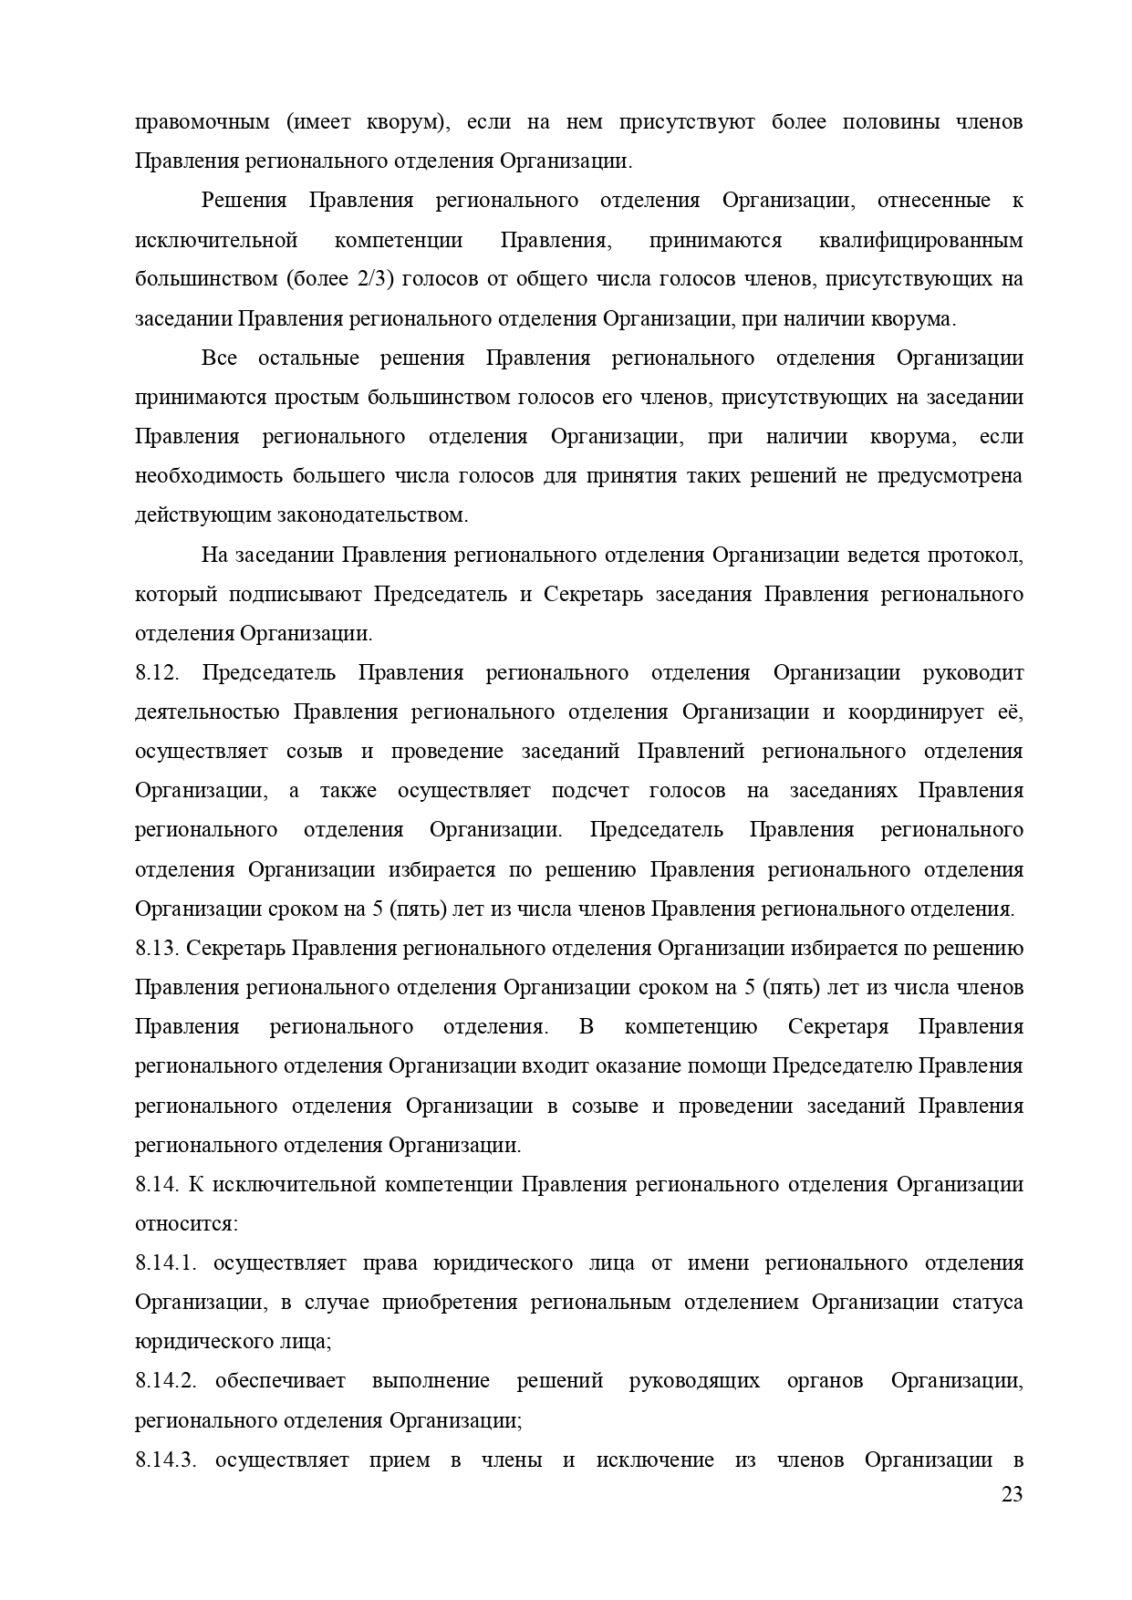 ustav_GKR_page-0023